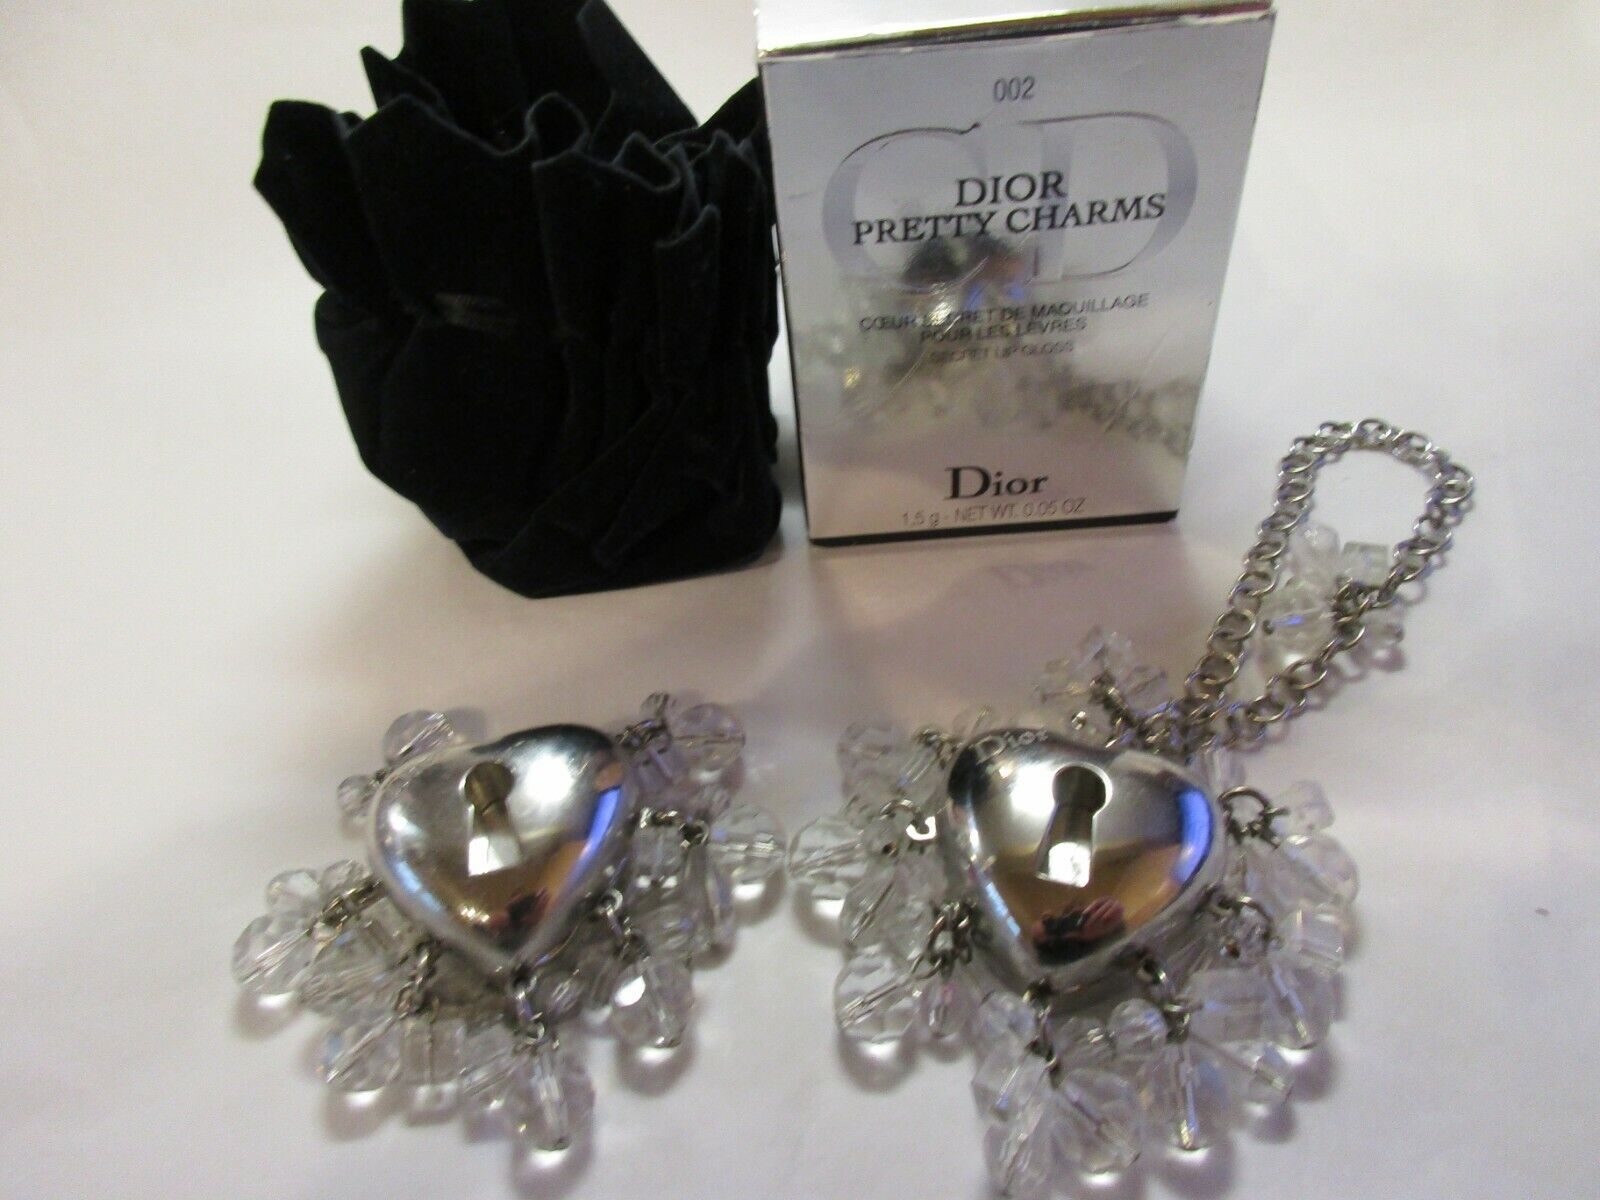 dior pretty charms please read description